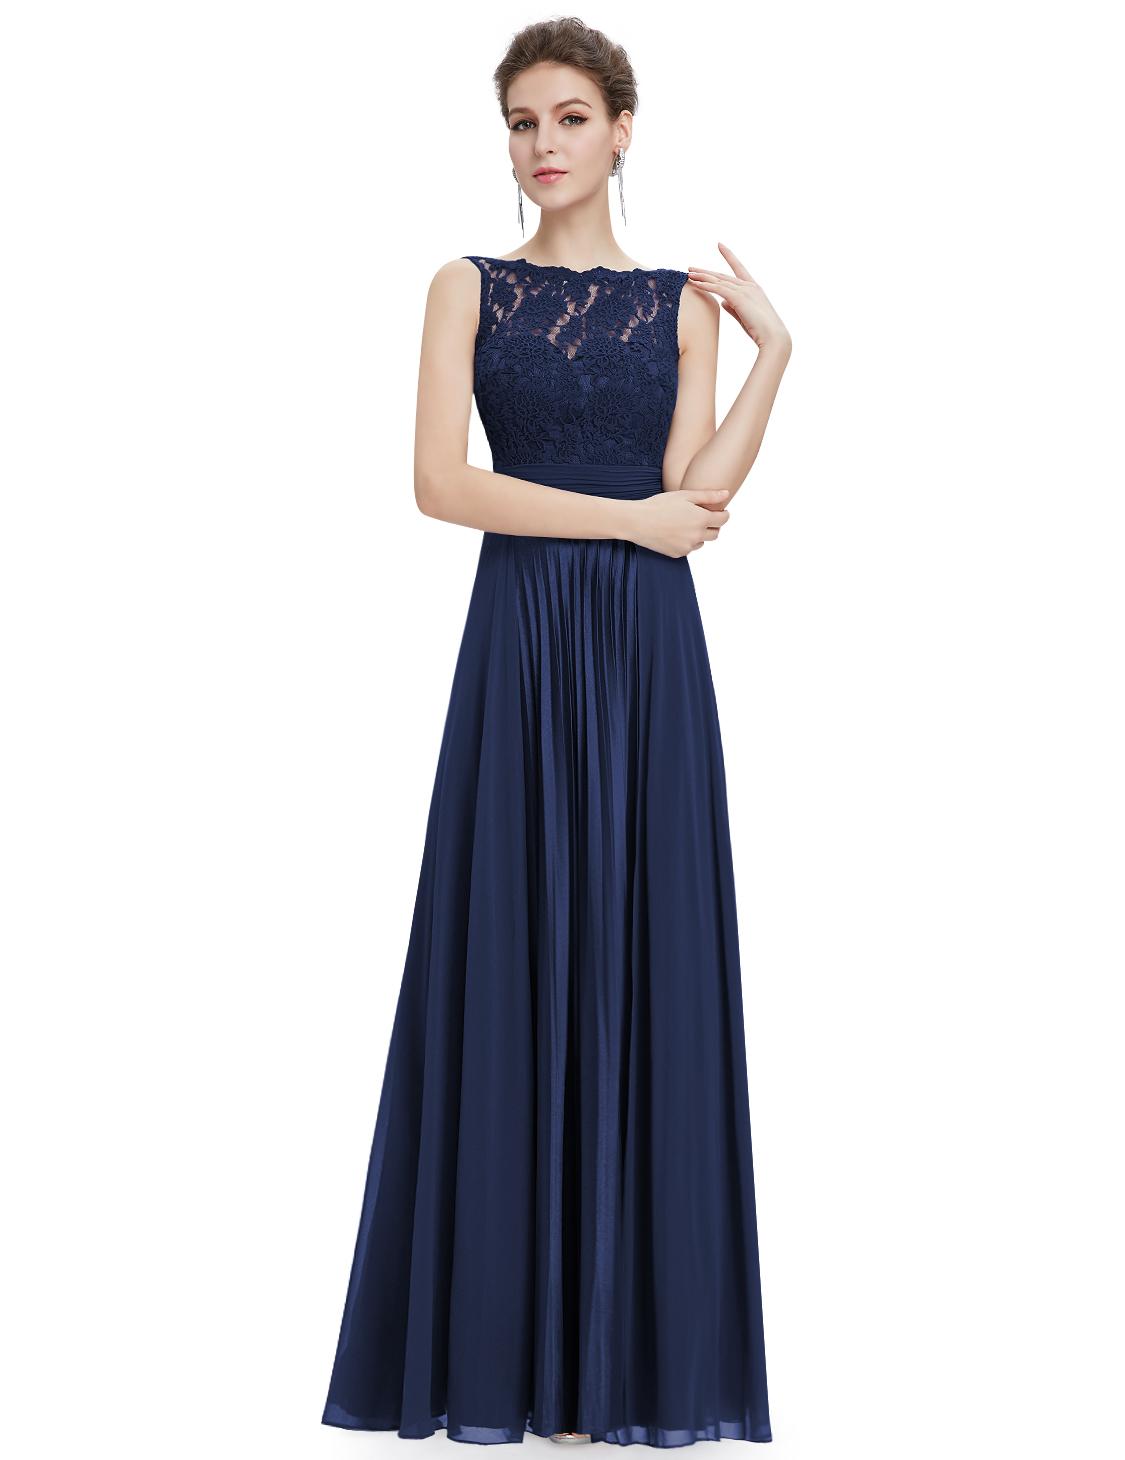 Long formal dresses ebay uk